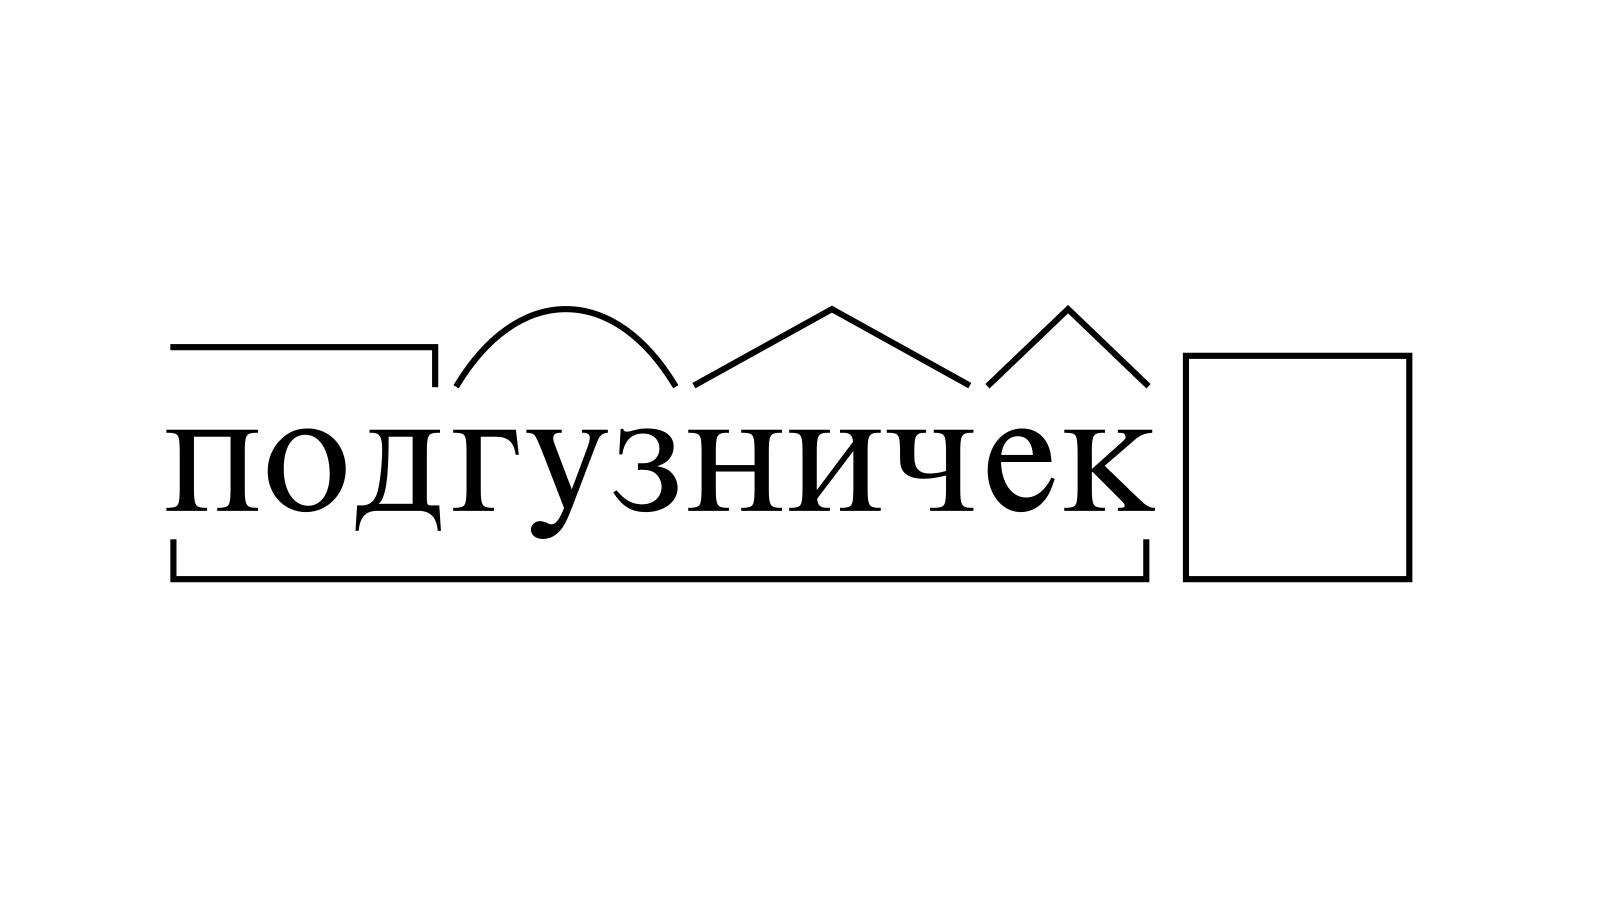 Разбор слова «подгузничек» по составу